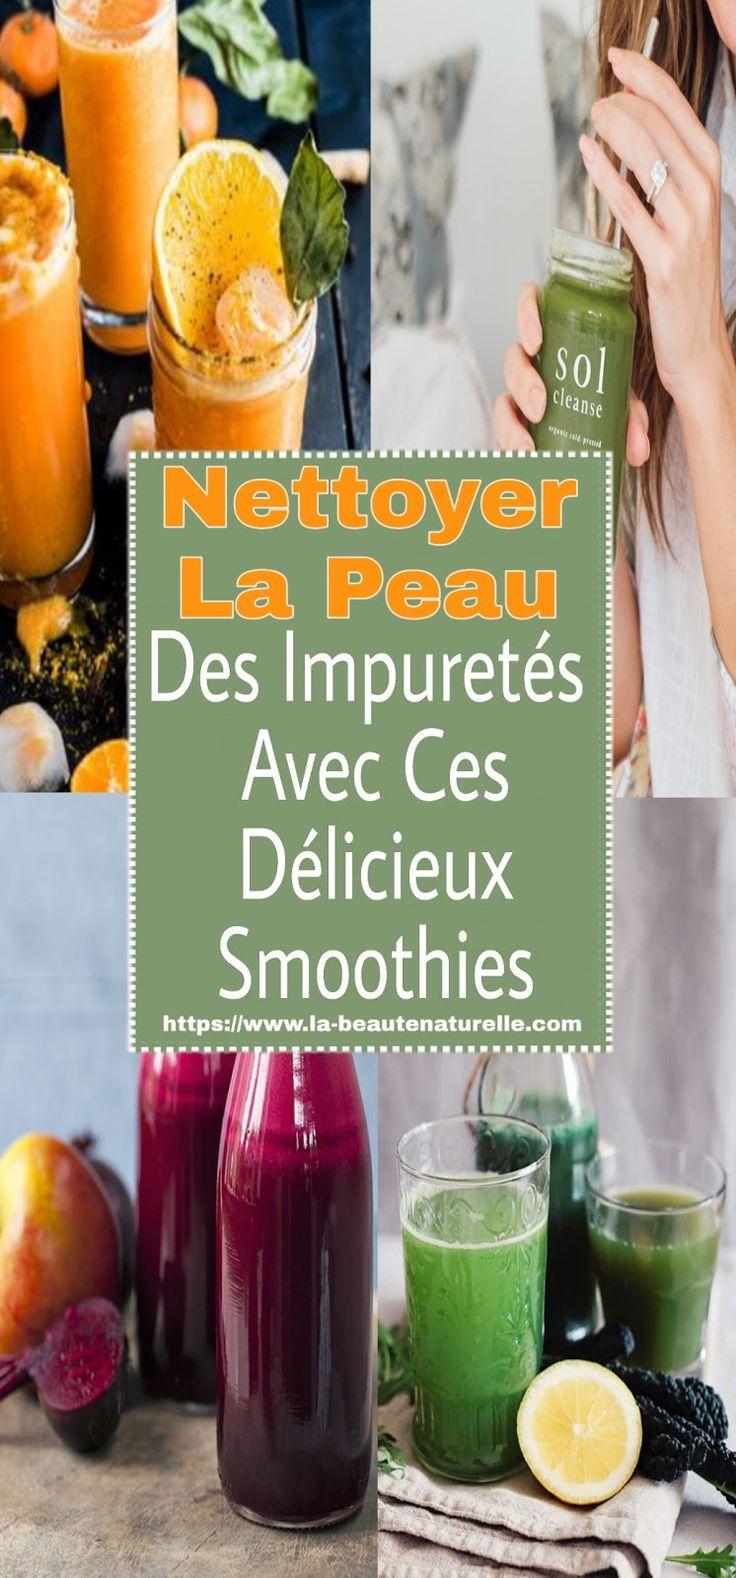 Nettoyer la peau des impuretés avec ces délicieux smoothies